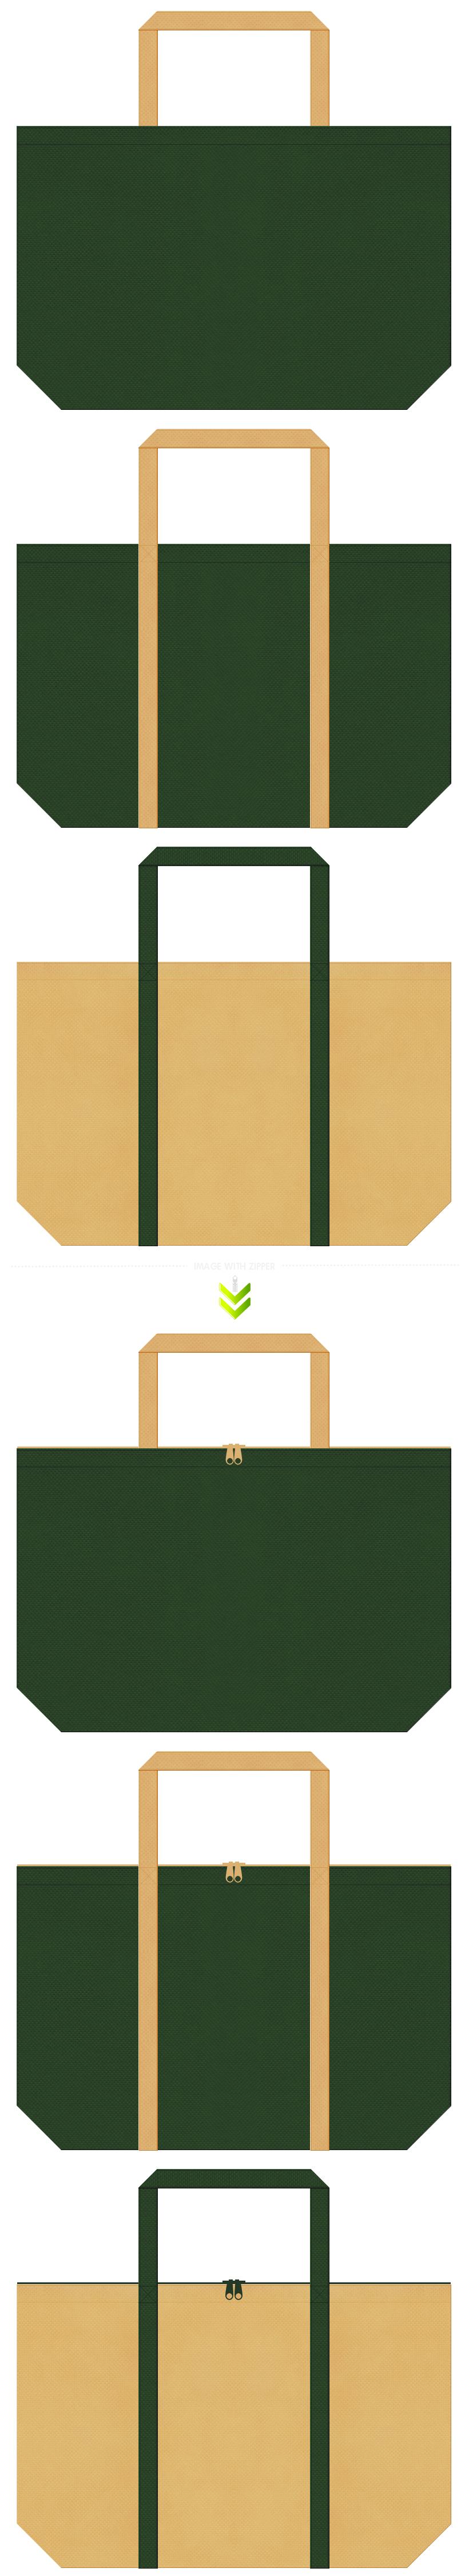 アンティーク・ヴィンテージ・動物園・テーマパーク・探検・ジャングル・恐竜・サバンナ・サファリ・ラリー・アニマル・DIY・テント・タープ・チェア・登山・アウトドア・キャンプ用品のショッピングバッグにお奨めの不織布バッグデザイン:濃緑色・深緑色とカーキ色のコーデ